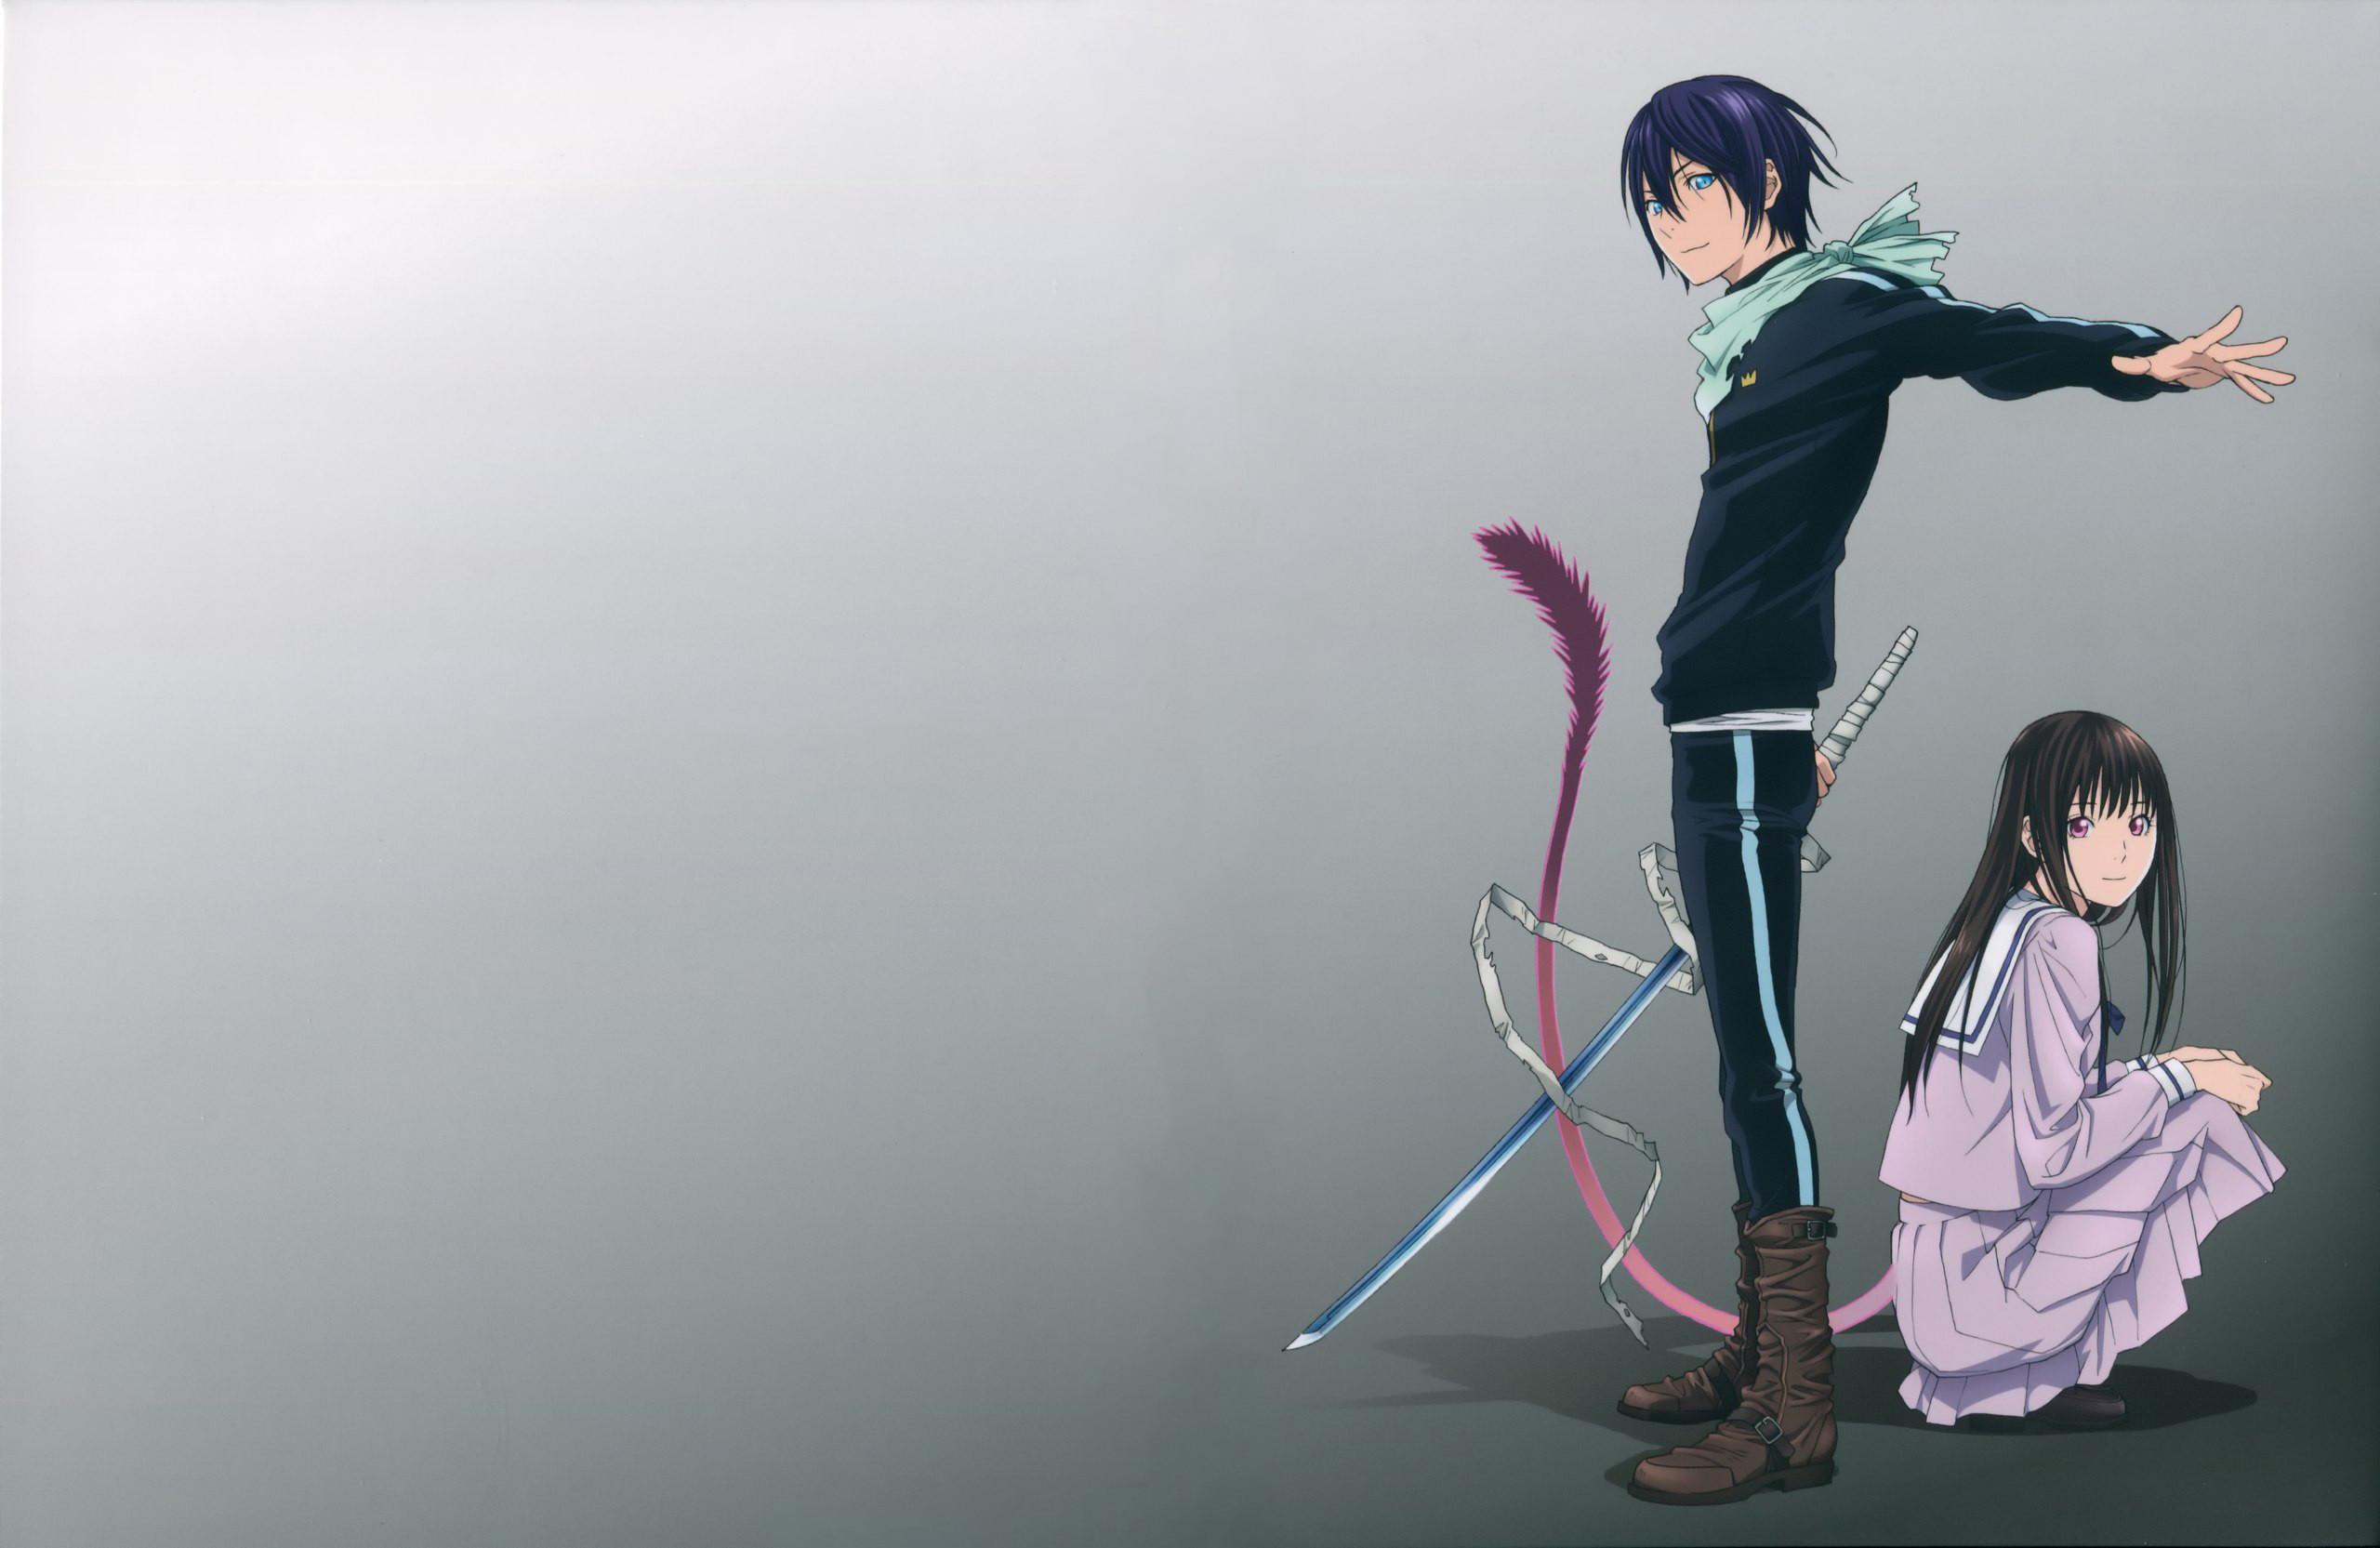 Anime Noragami Yato Hiyori Iki Wallpaper